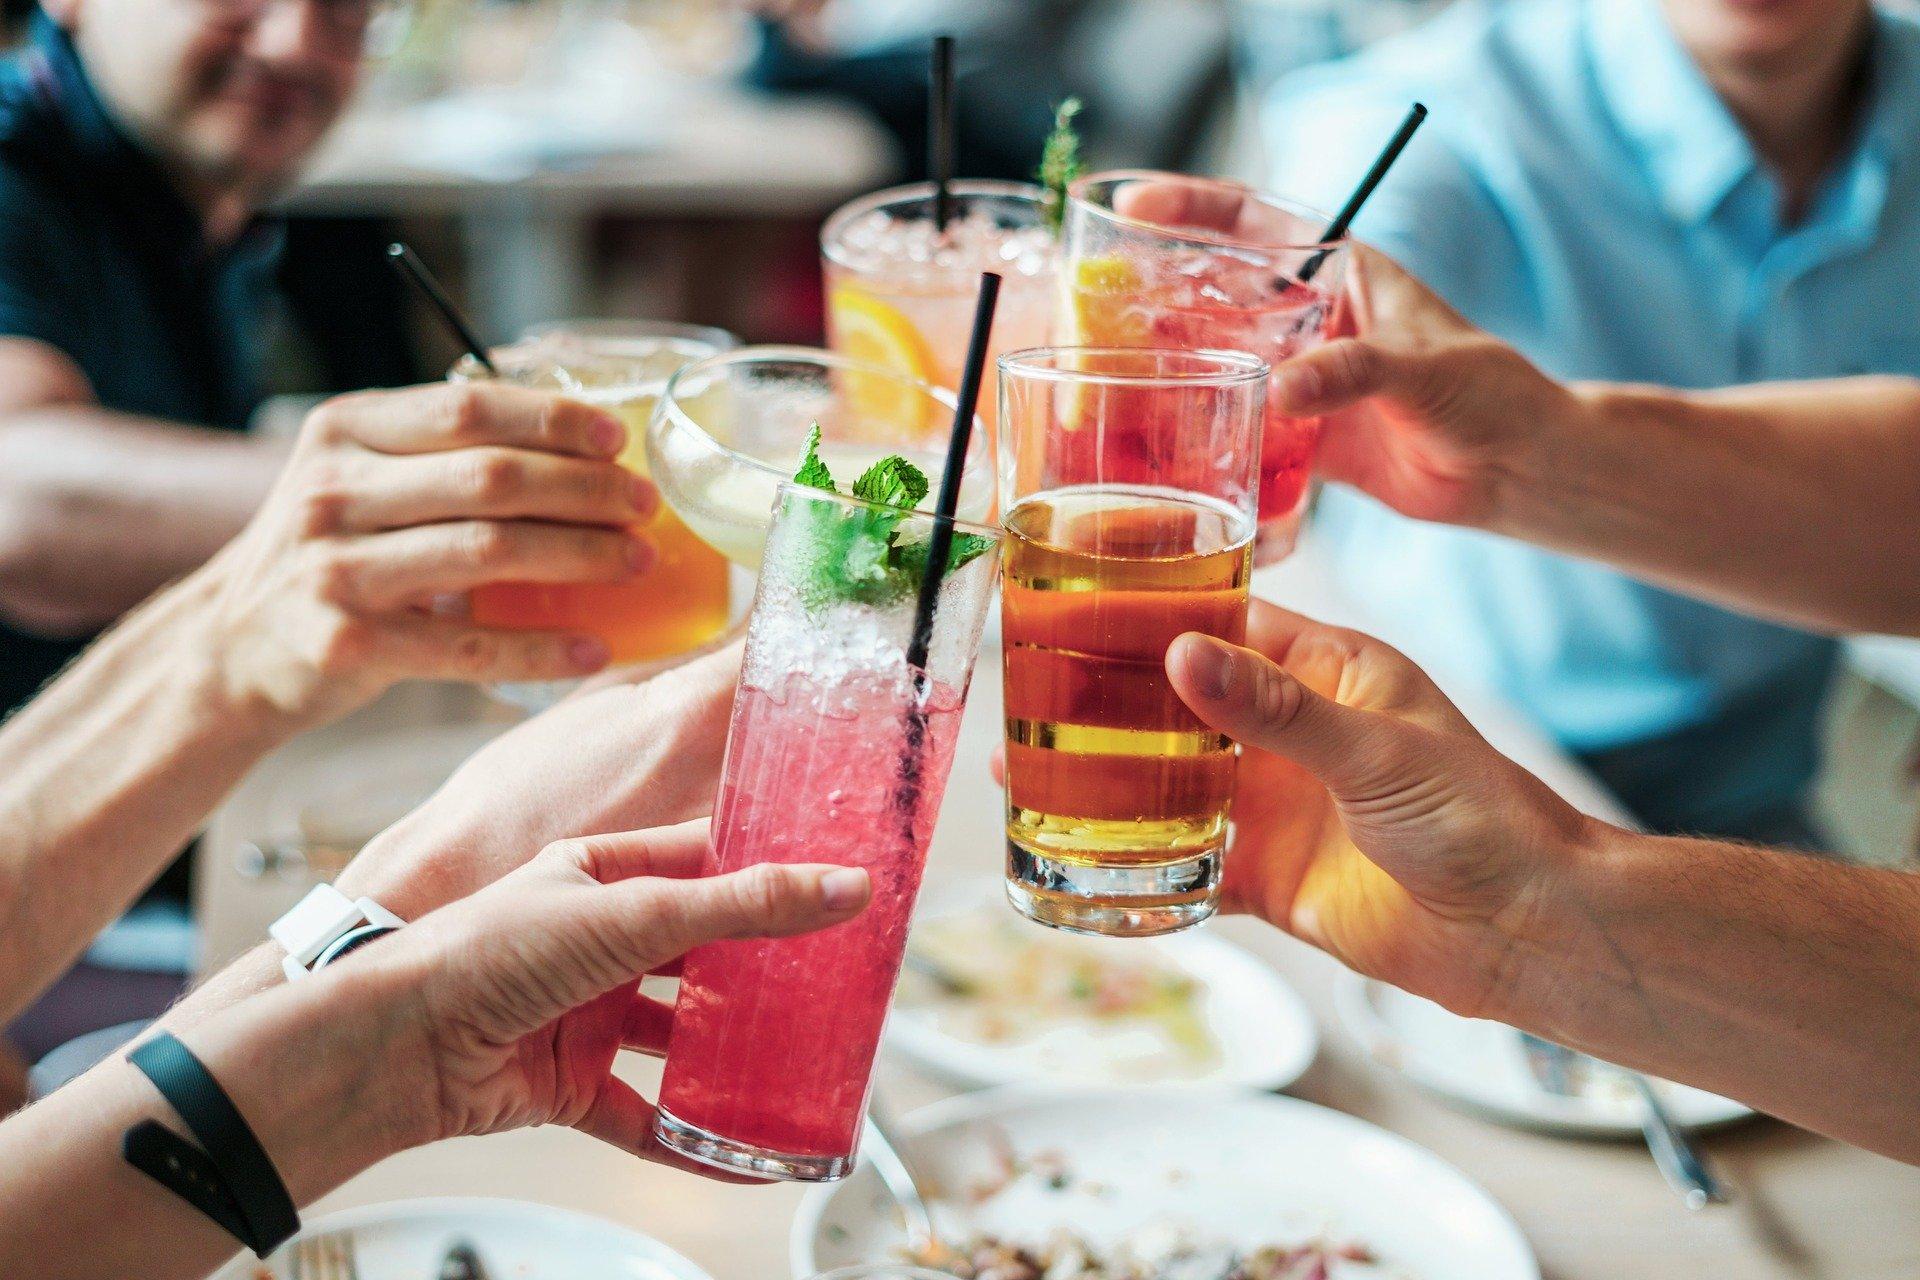 В Ярославской области насчитывается около 10 тысяч алкоголиков: какую помощь оказывают в регионе зависимым людям